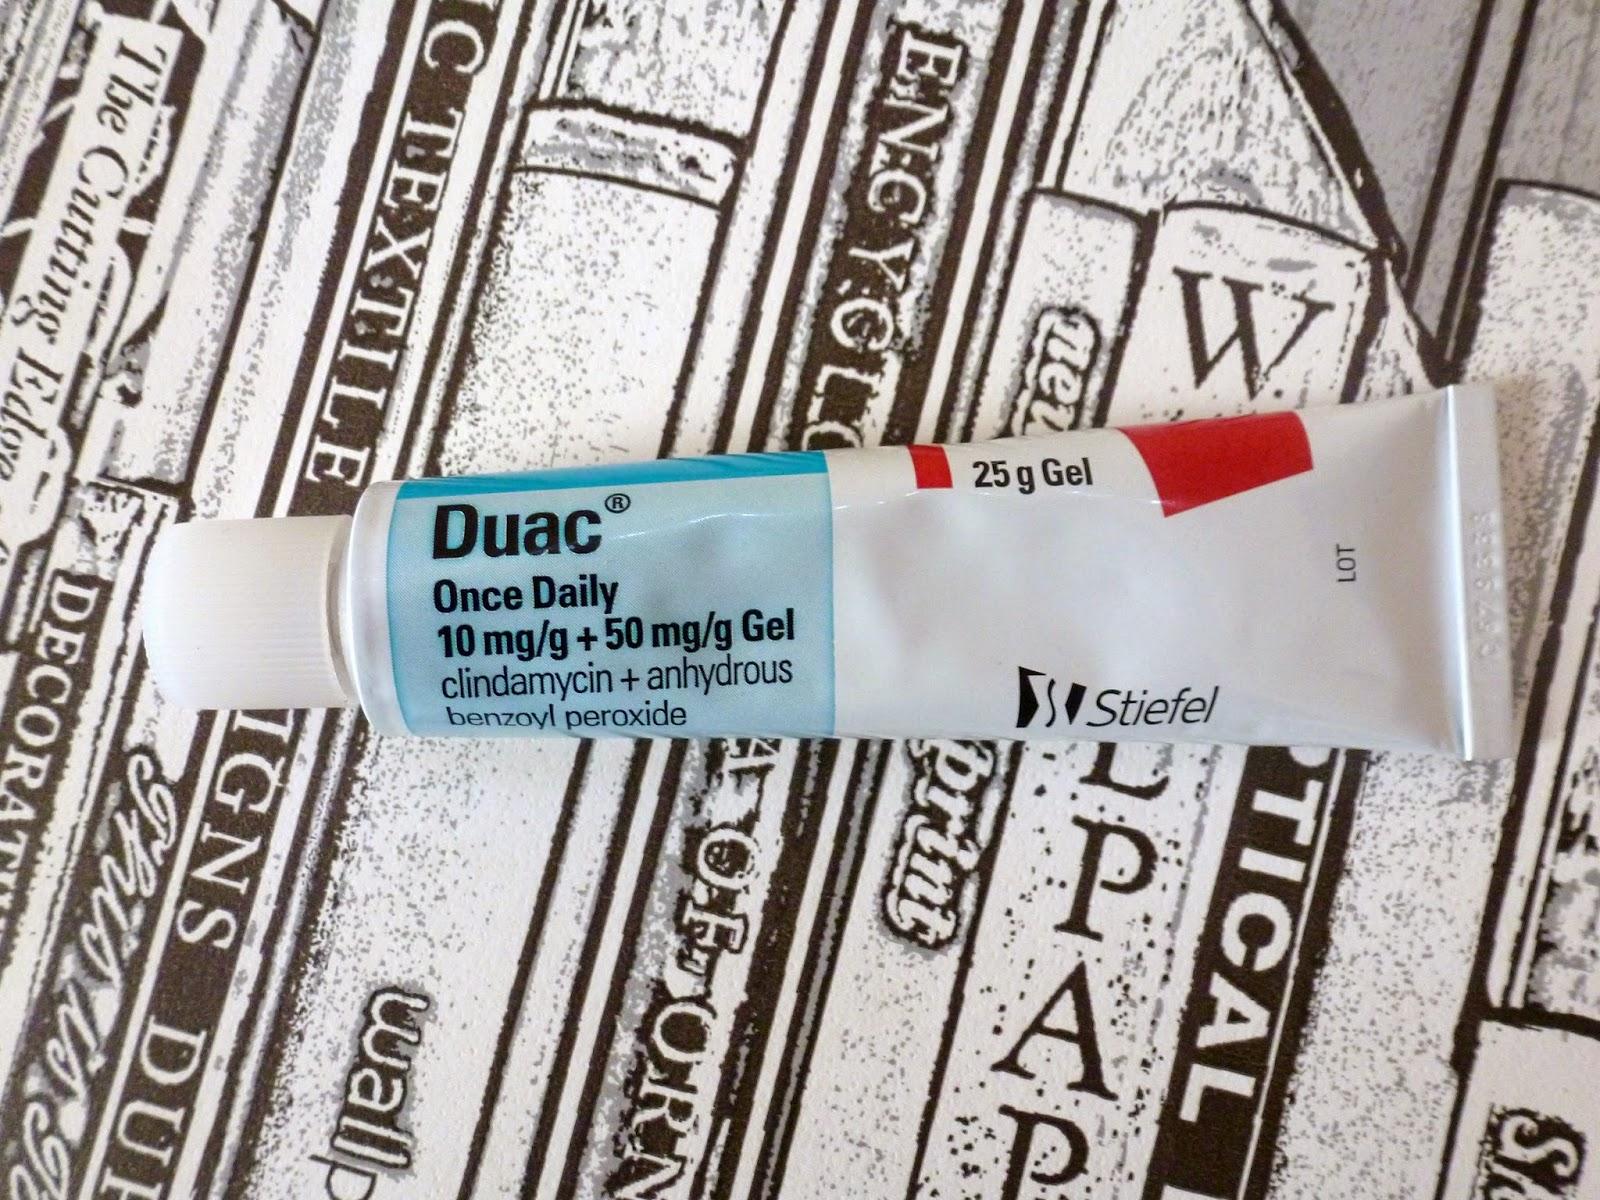 prescribed acne medication duac